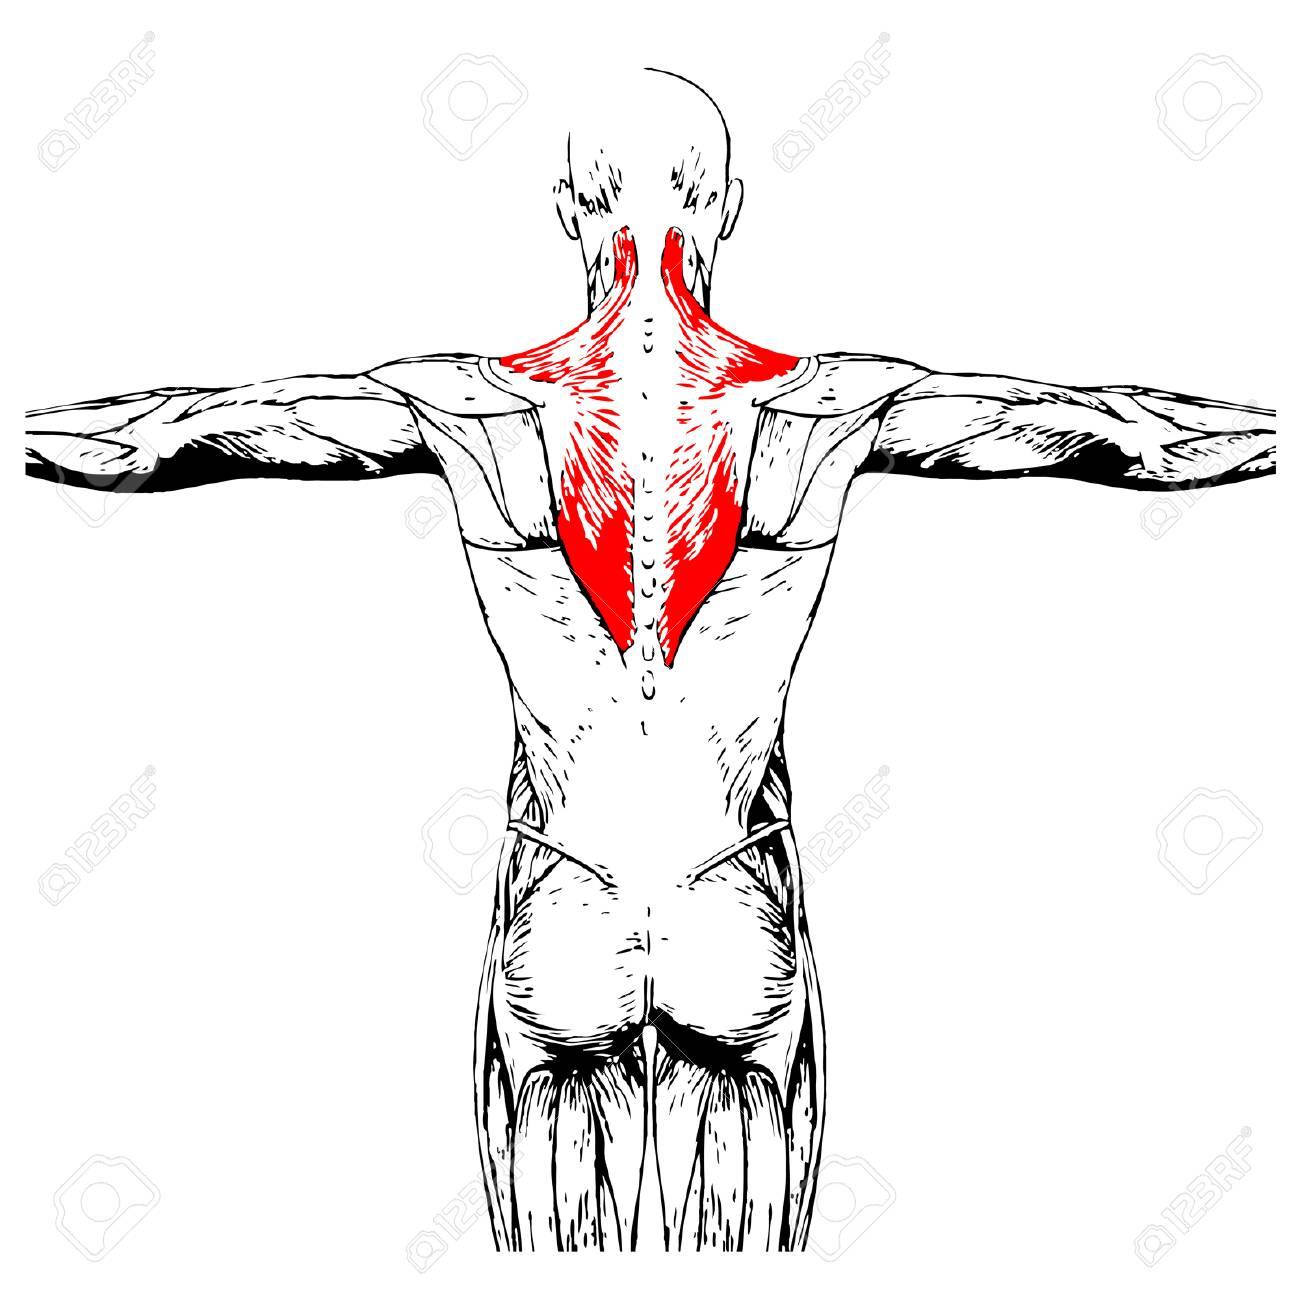 Moderno Músculos Bajos Anatomía Back Regalo - Imágenes de Anatomía ...